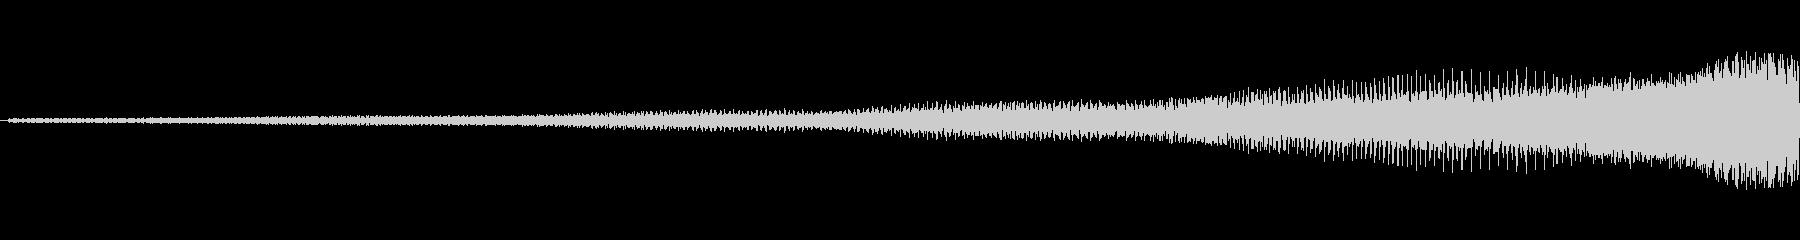 【映像転換/アイキャッチ/オープニング】の未再生の波形